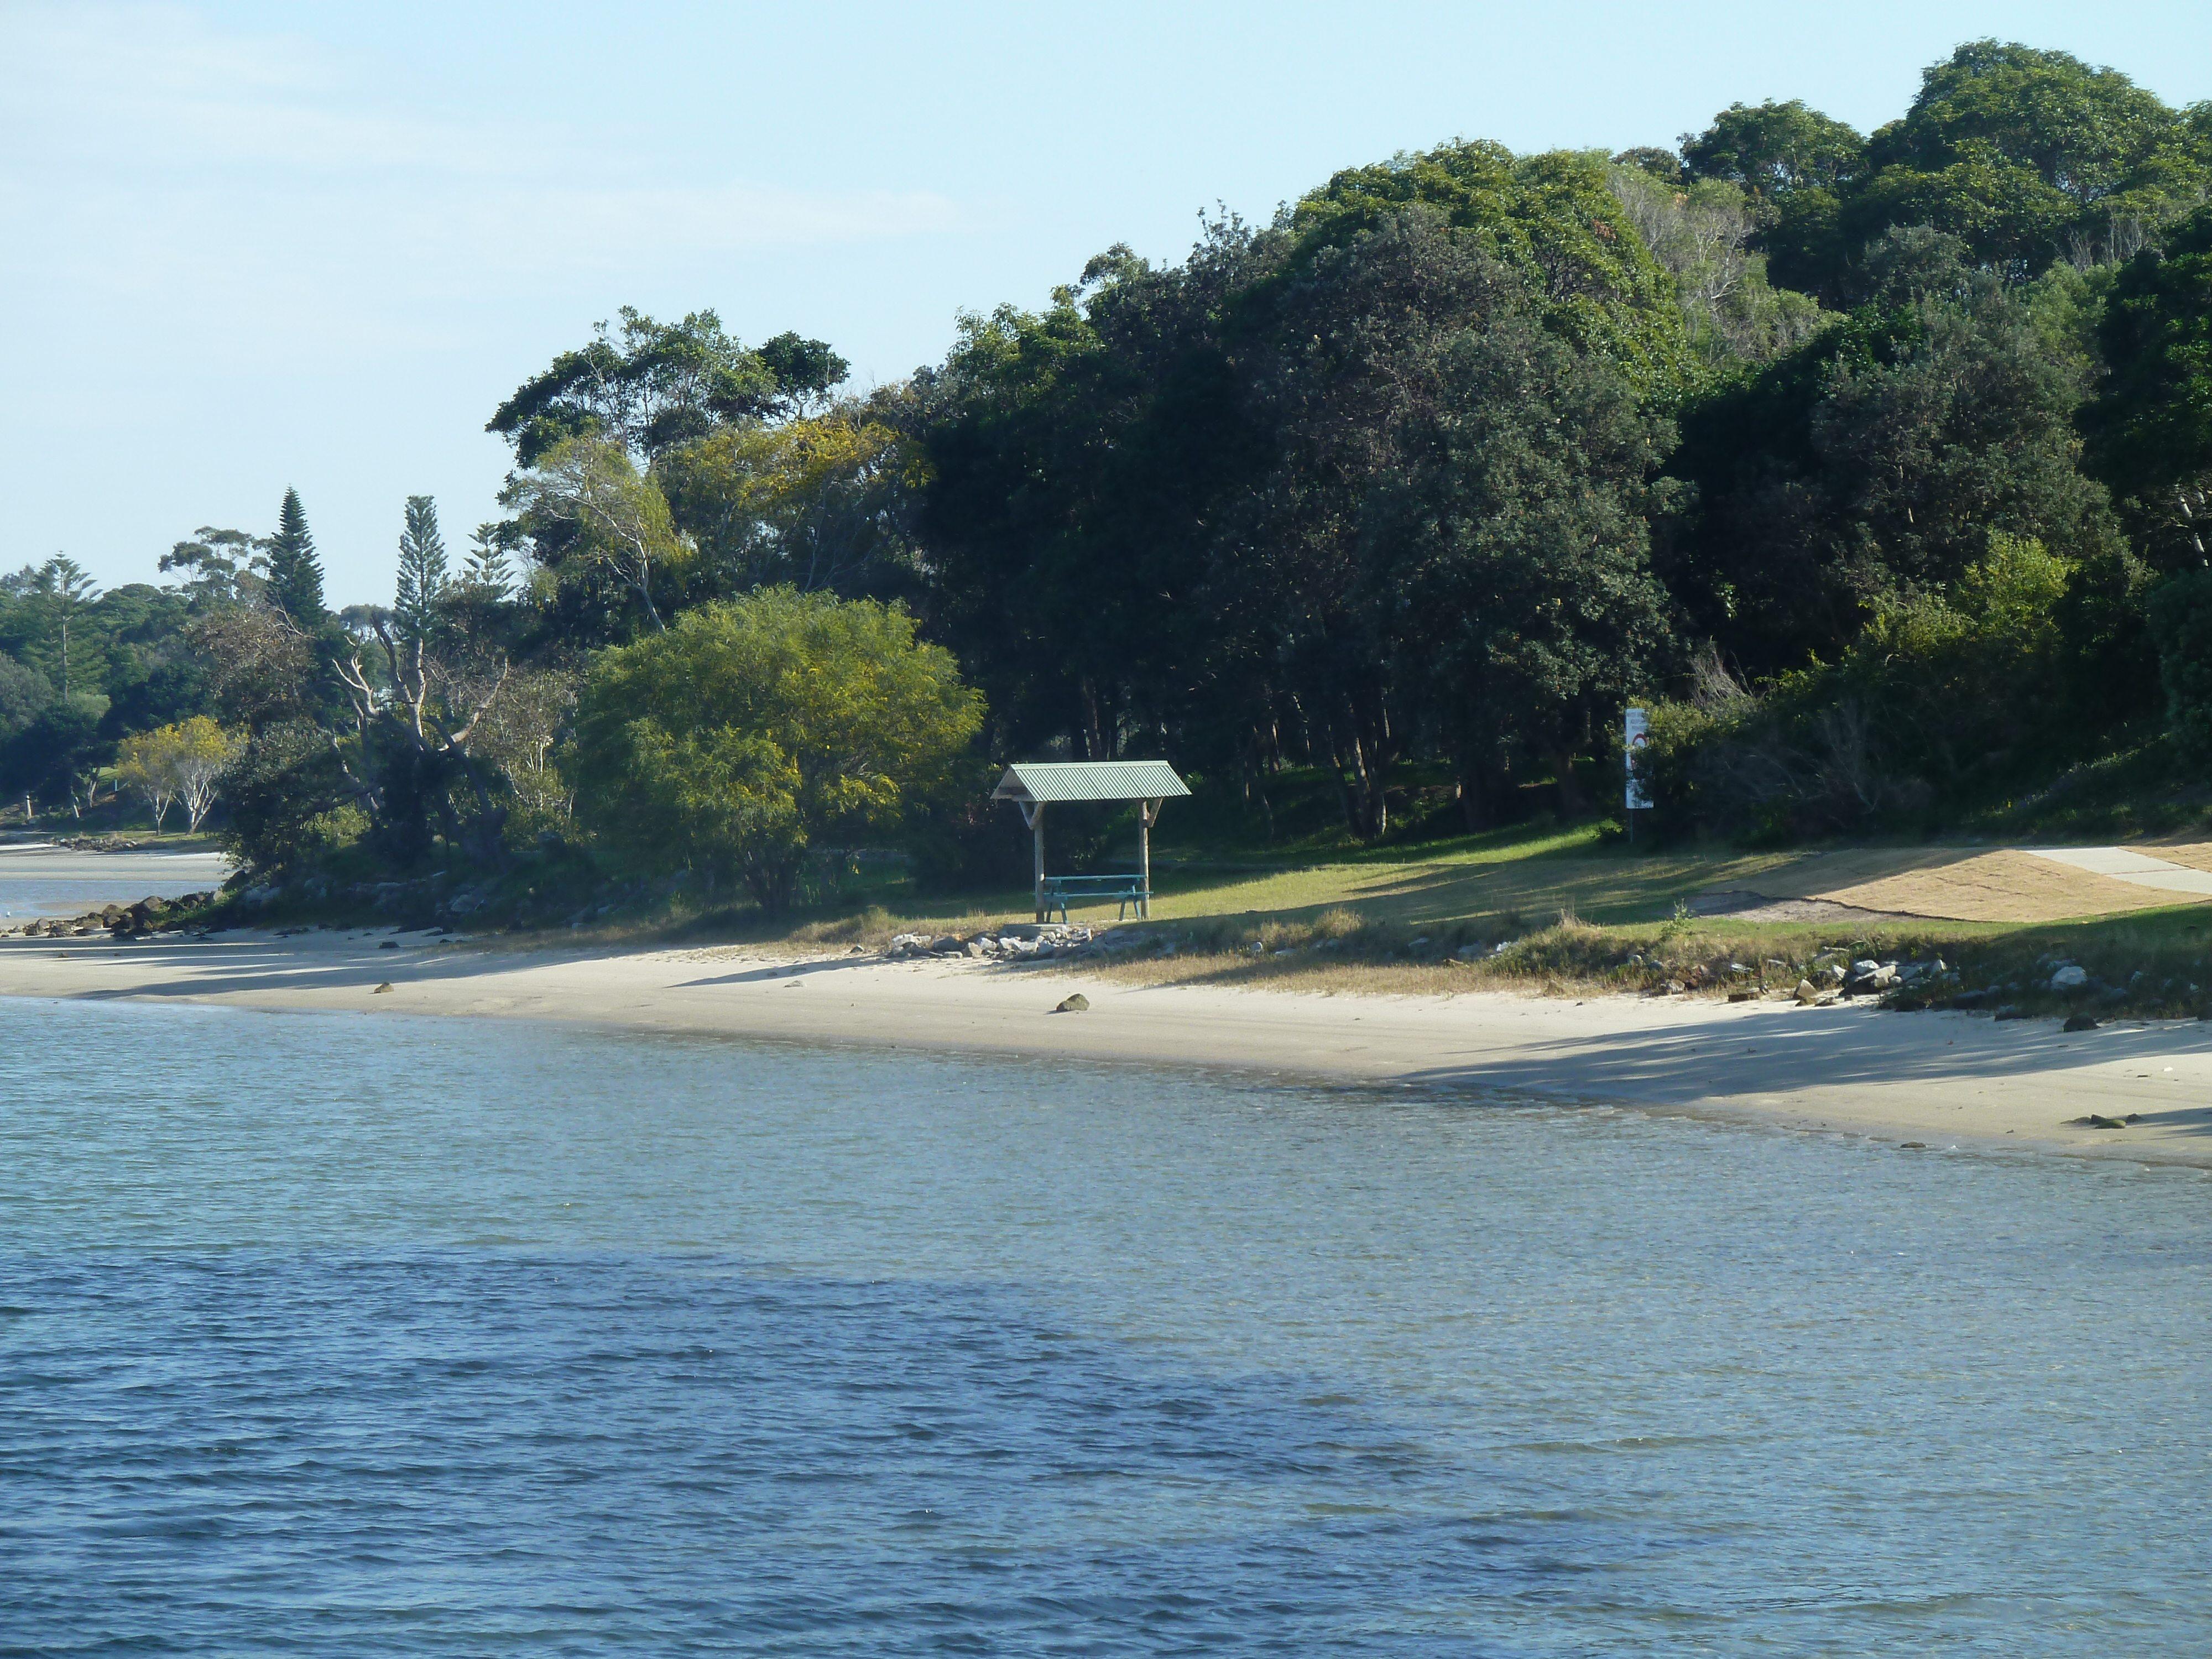 Iluka Bay foreshore erosion project